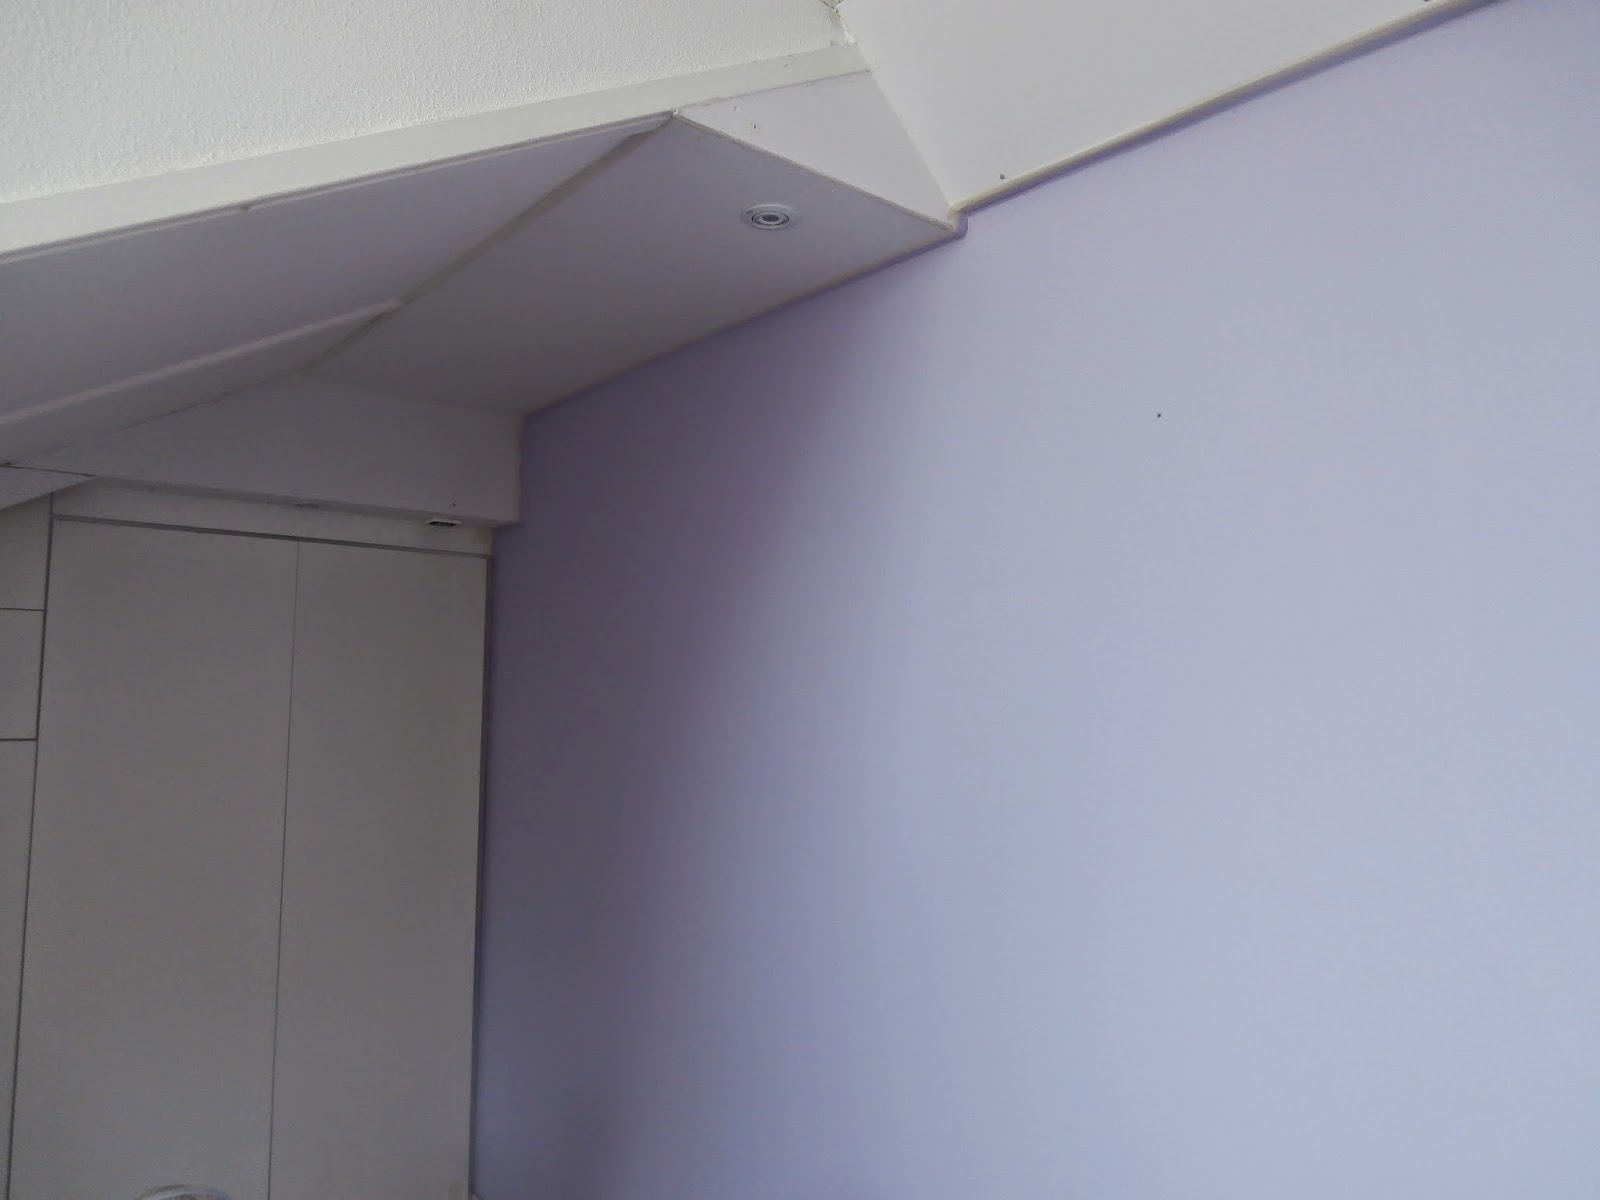 Kleuren slaapkamer rustgevend ~ [Spscents.com]